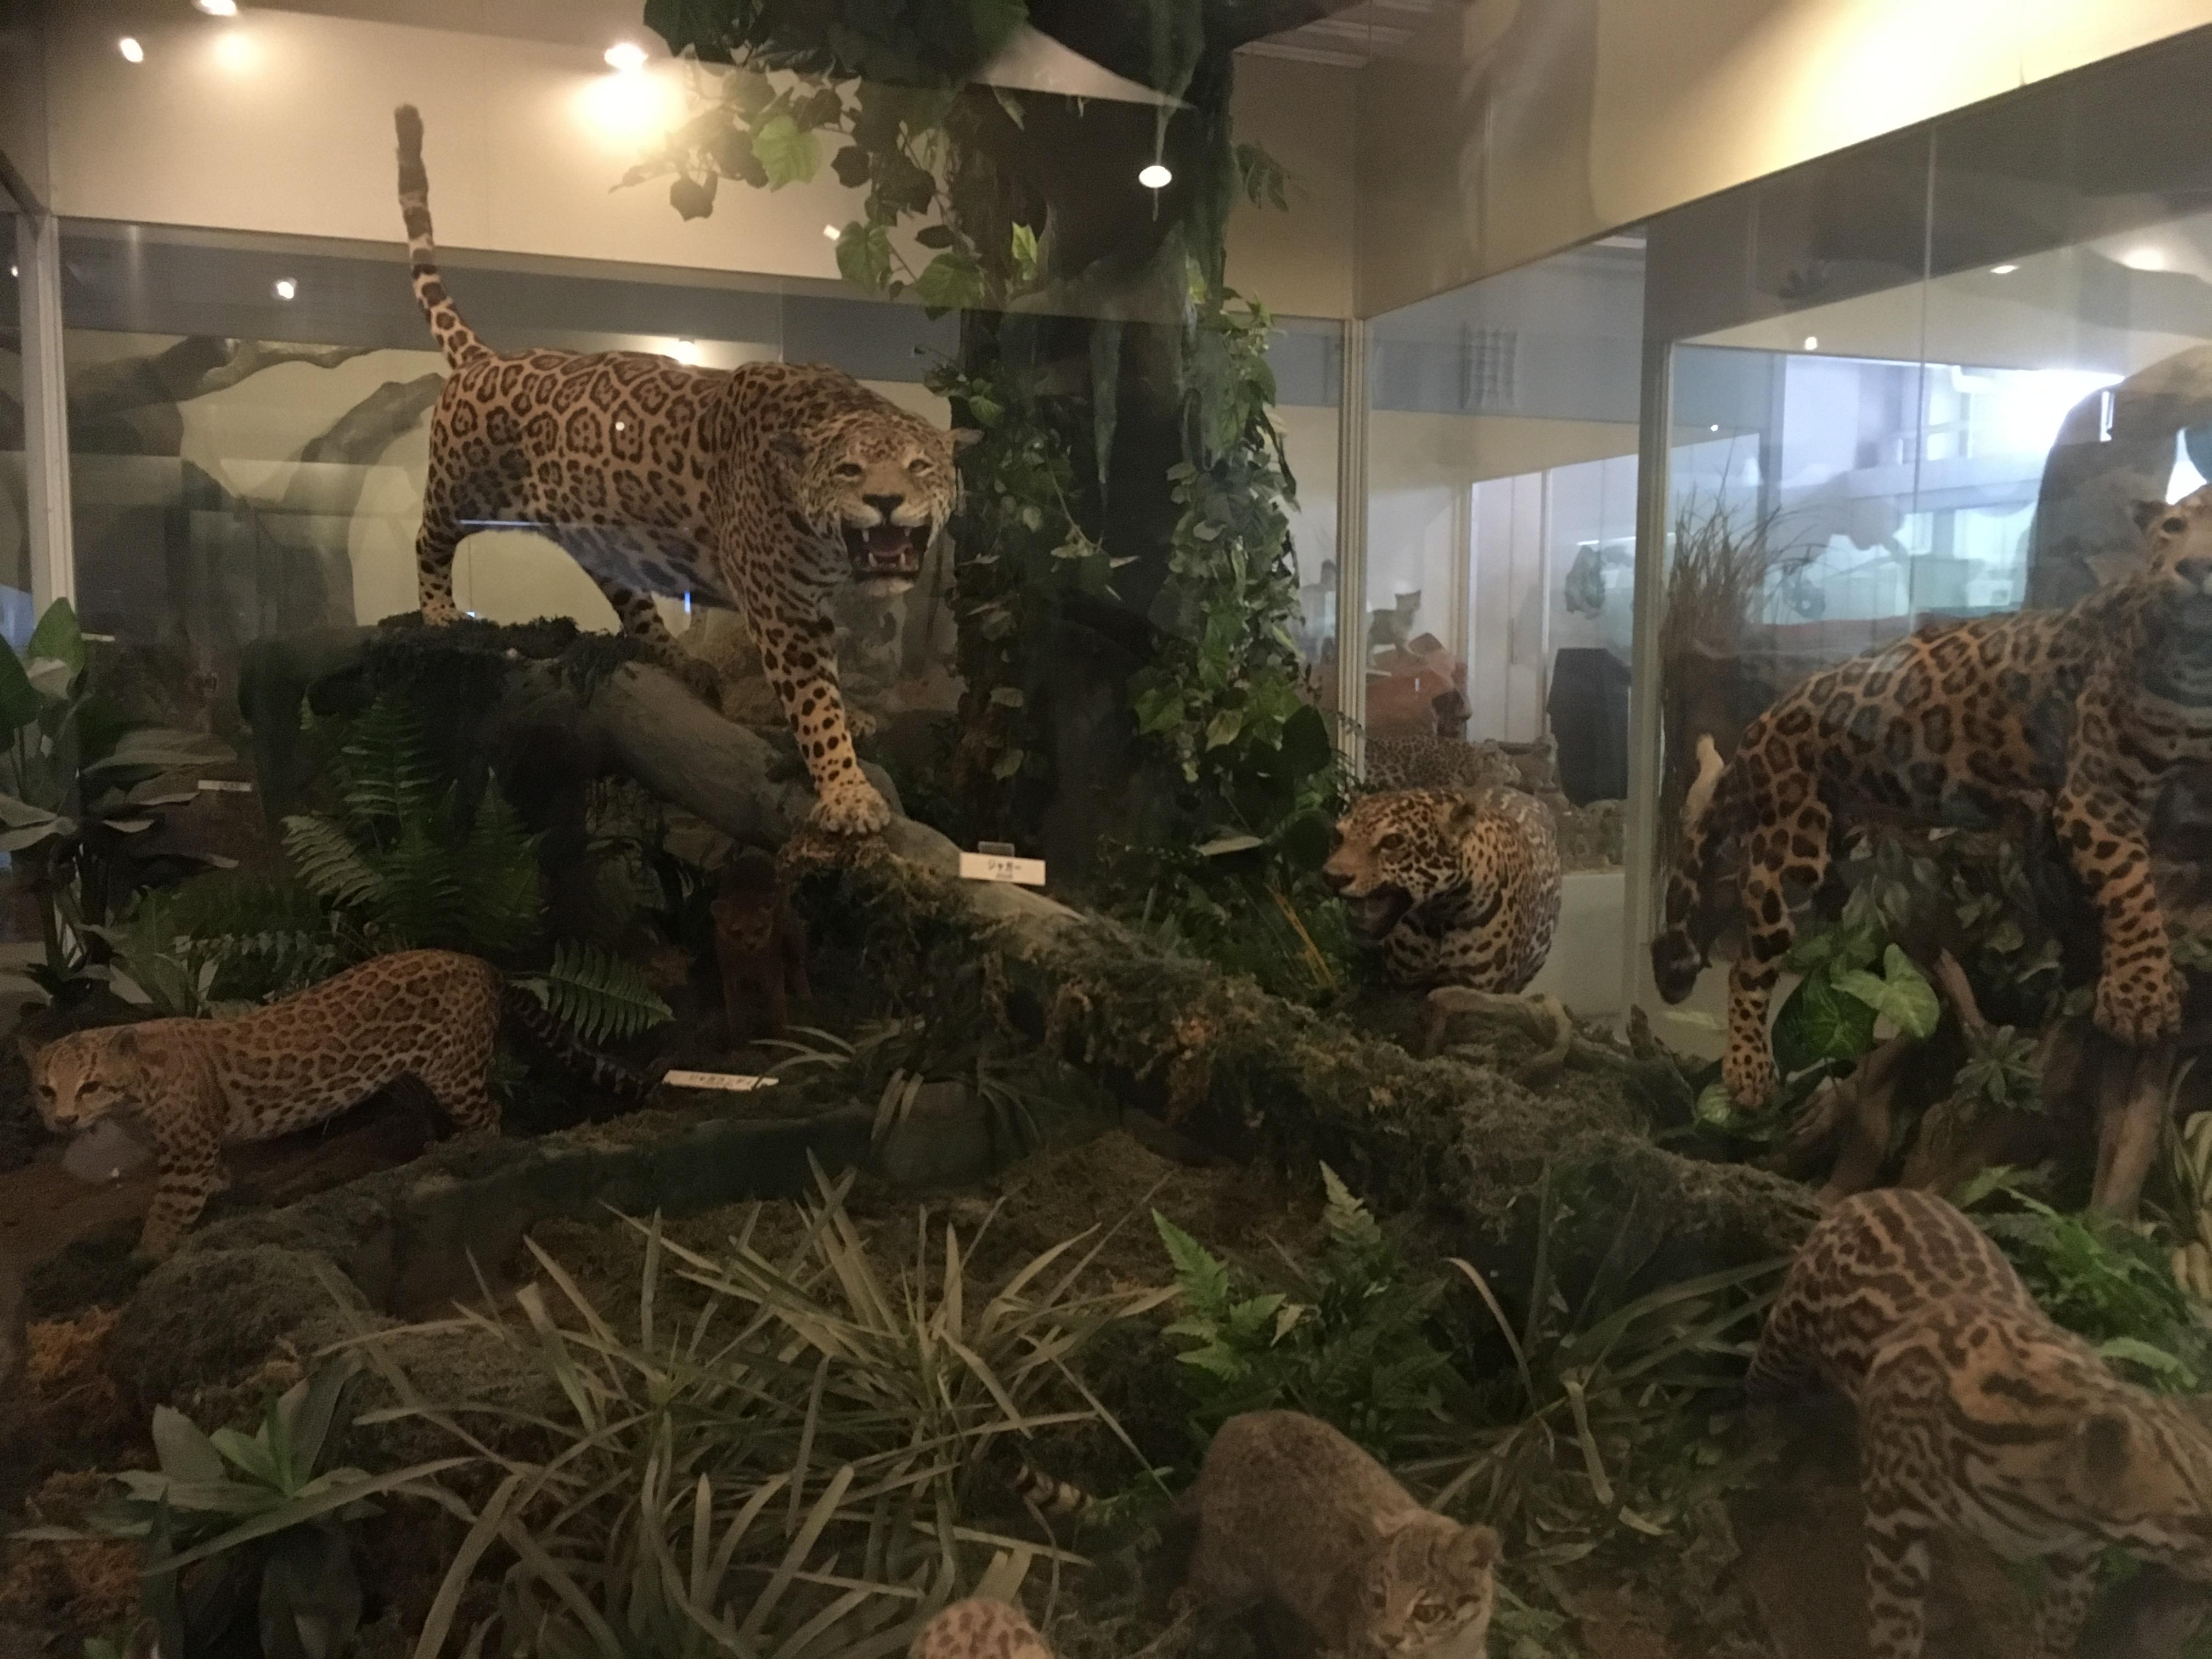 静岡の穴場ねこの博物館1階のネコ科たち